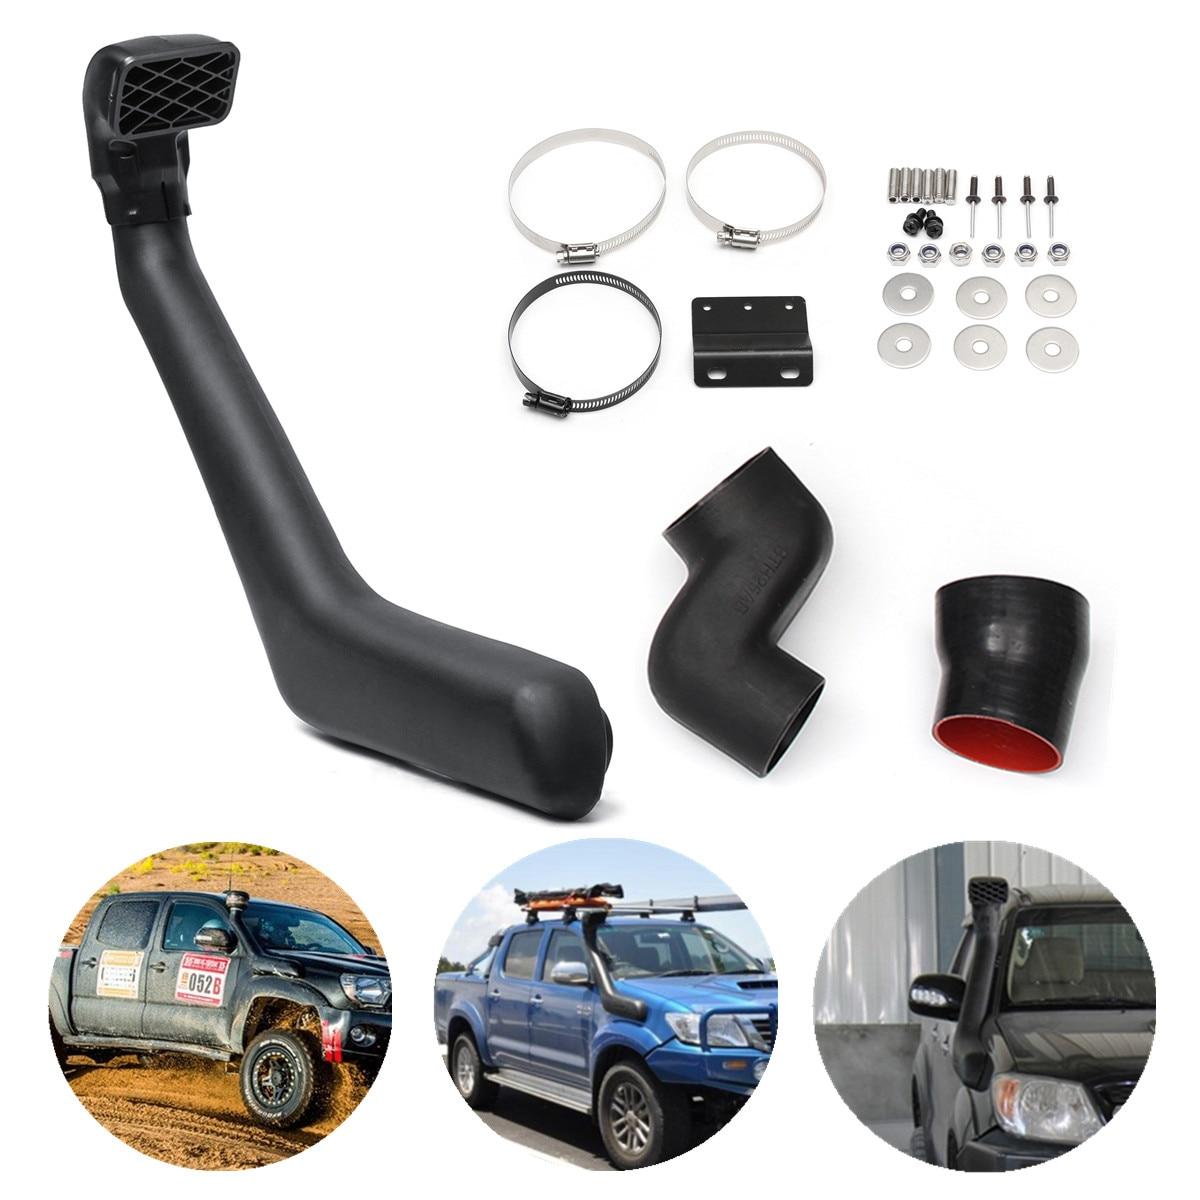 Для Toyota для Hilux 25/26 SR/5 2014-2005 Snorkel комплект бензиновый дизельный воздух подъем Впускной дренаж розетки увеличение топлива экономия жизни